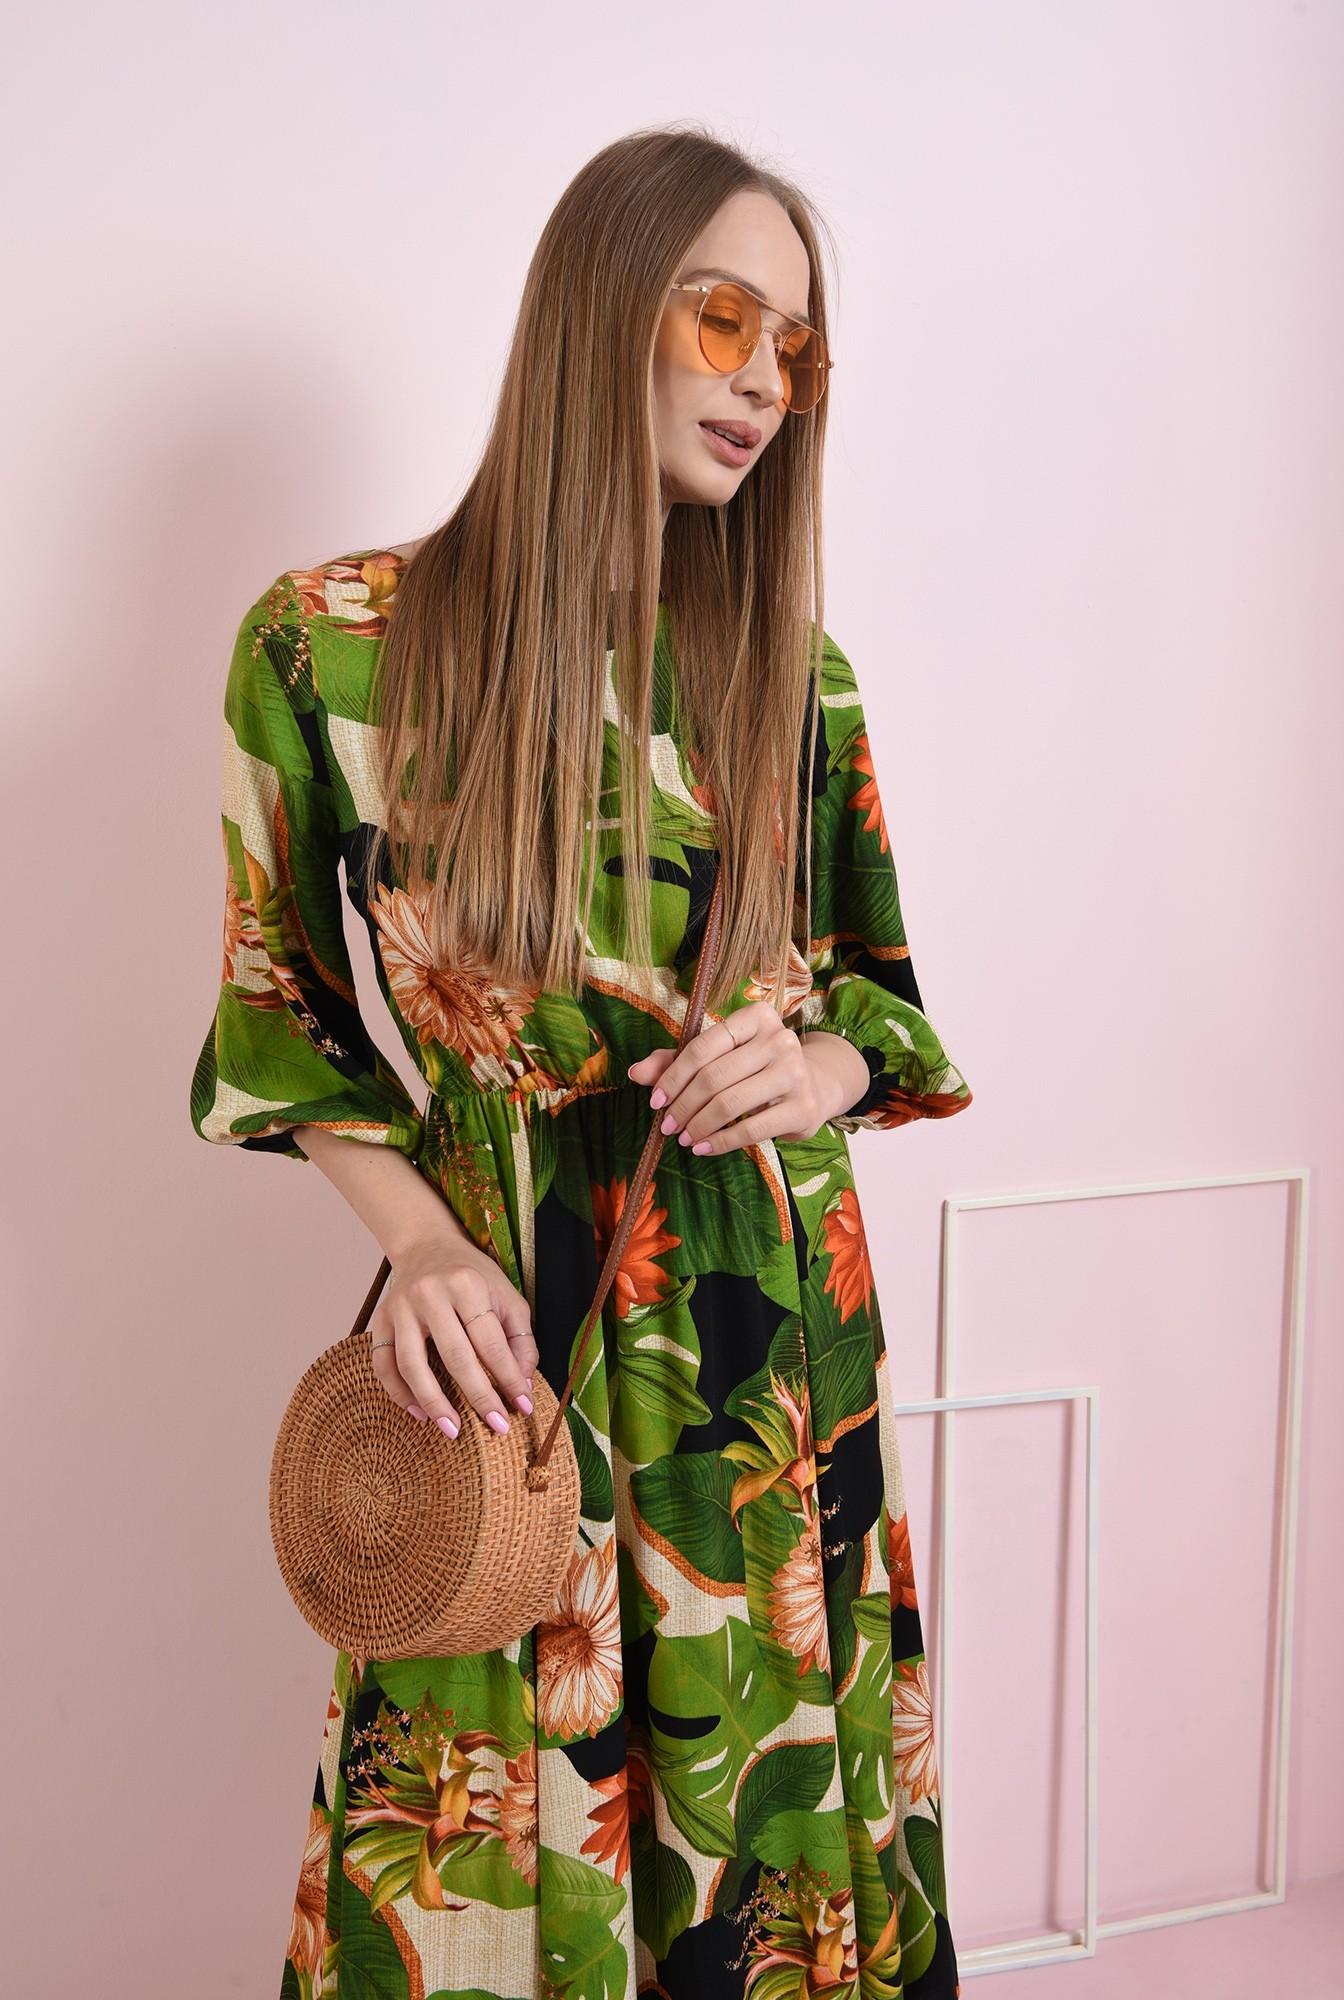 0 - rochie evazata, cu print floral